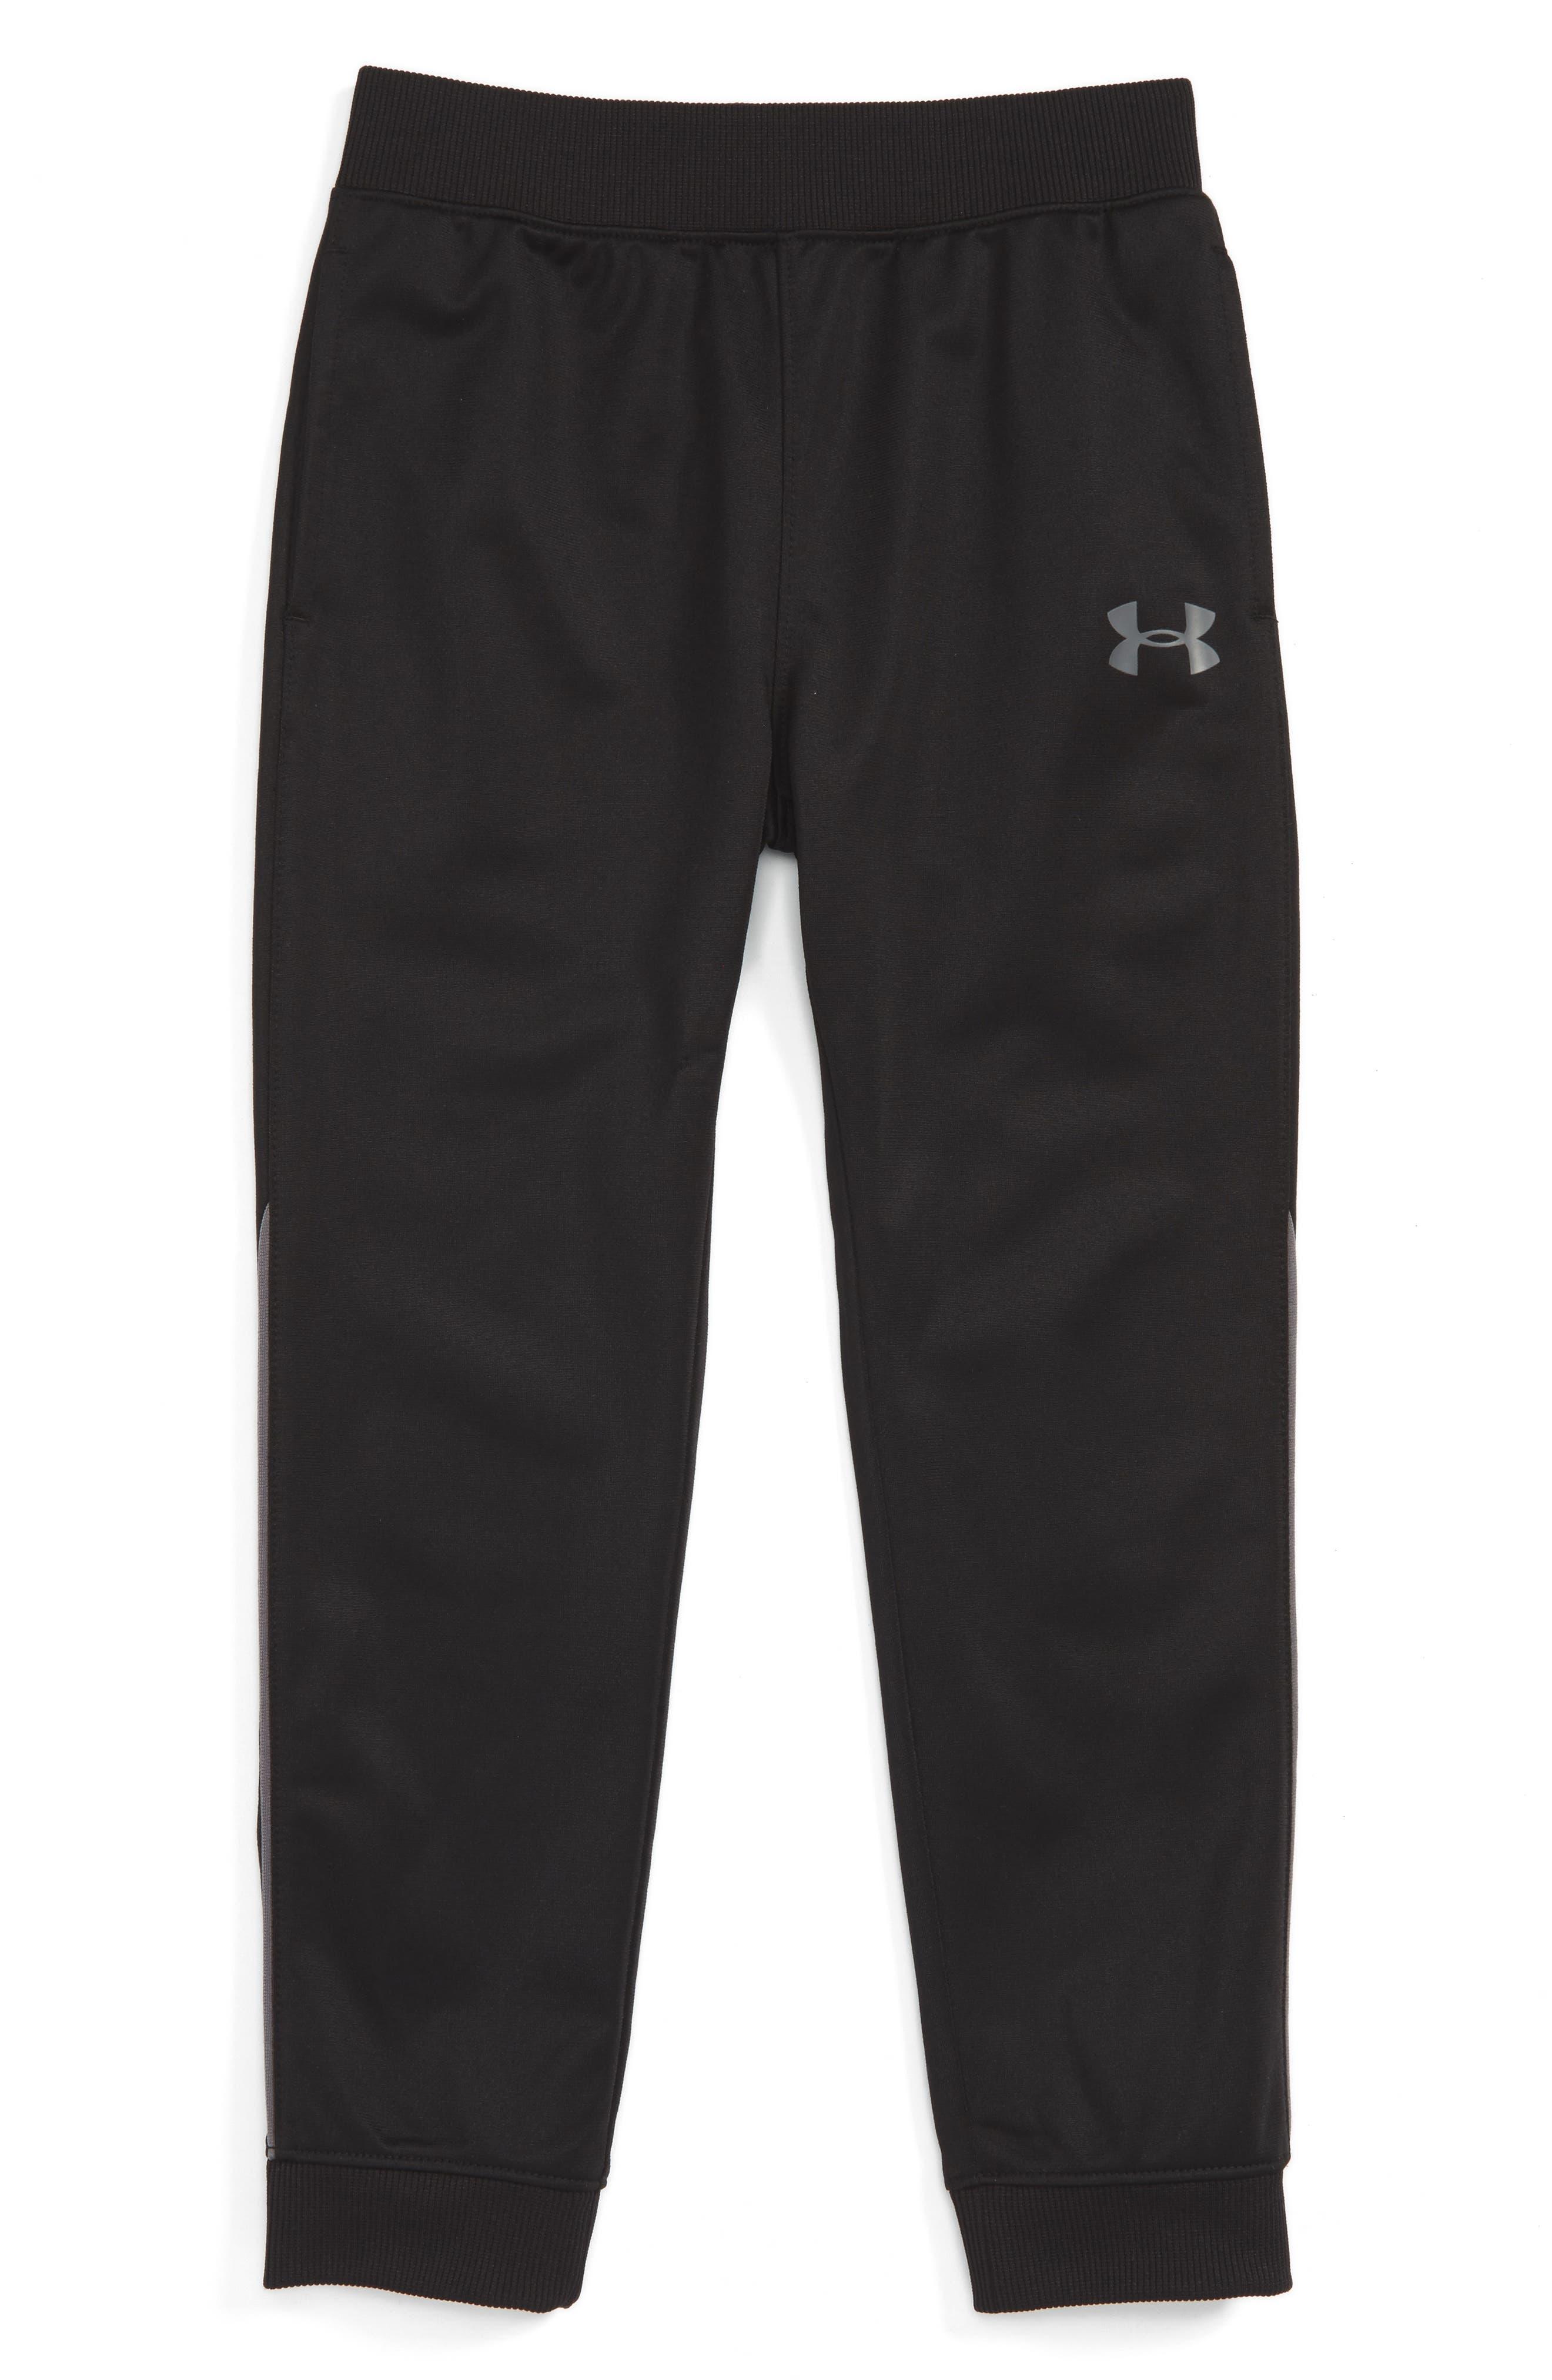 Pennant Sweatpants,                         Main,                         color, Black/ Graphite